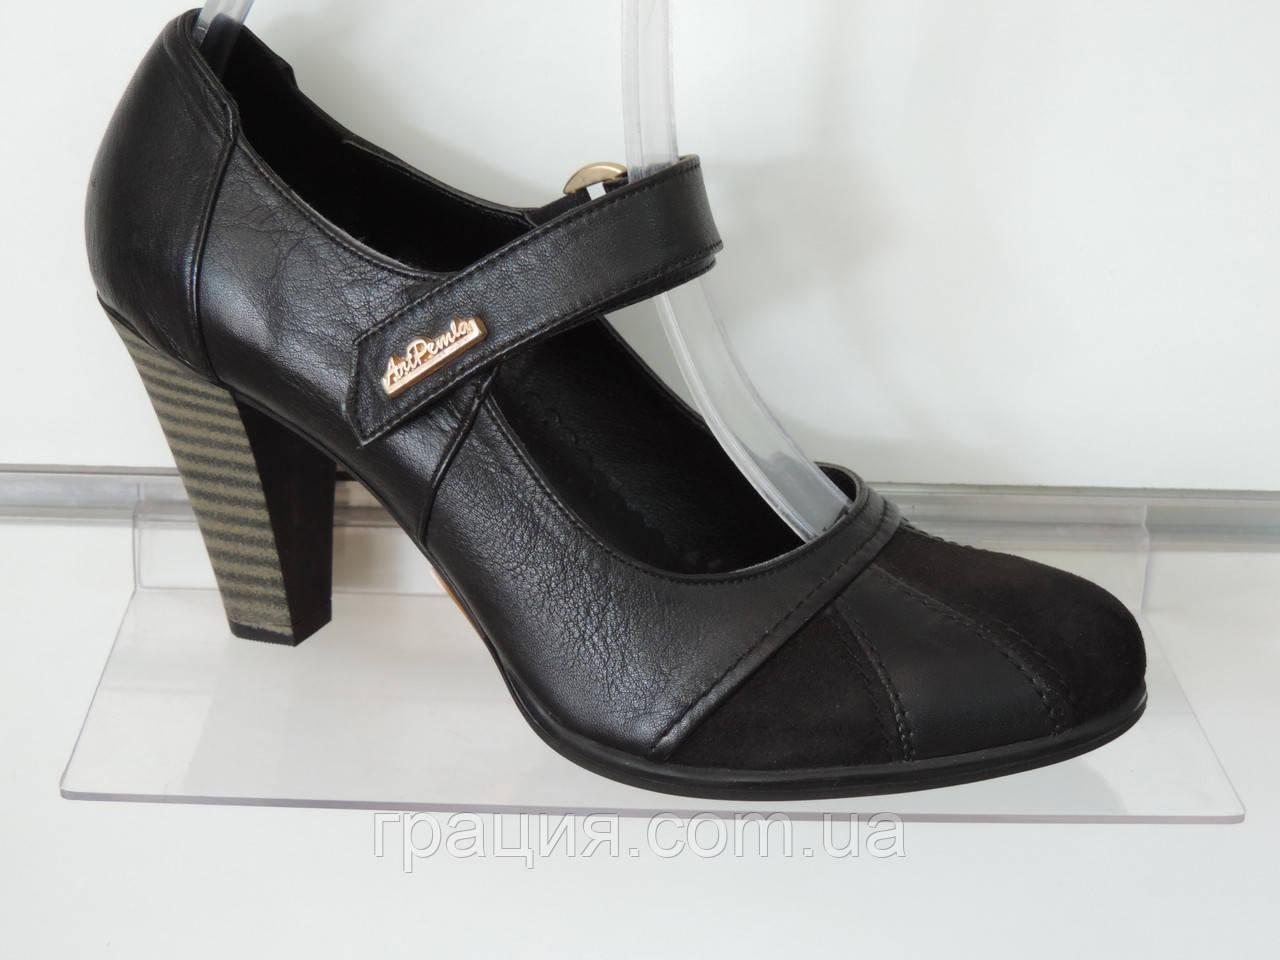 ee3ef34def8d Туфли женские кожаные натуральные на каблуке  продажа, цена в ...